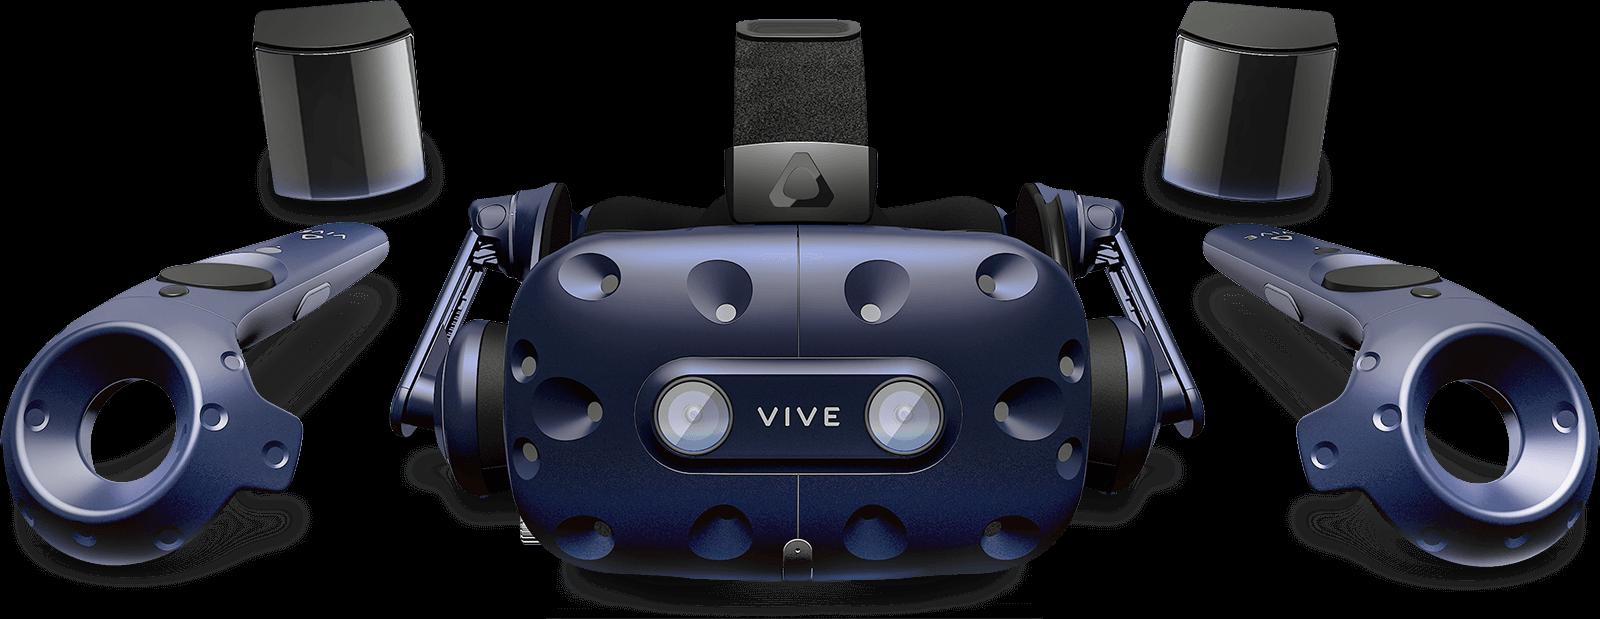 HTC Vive Enterprise